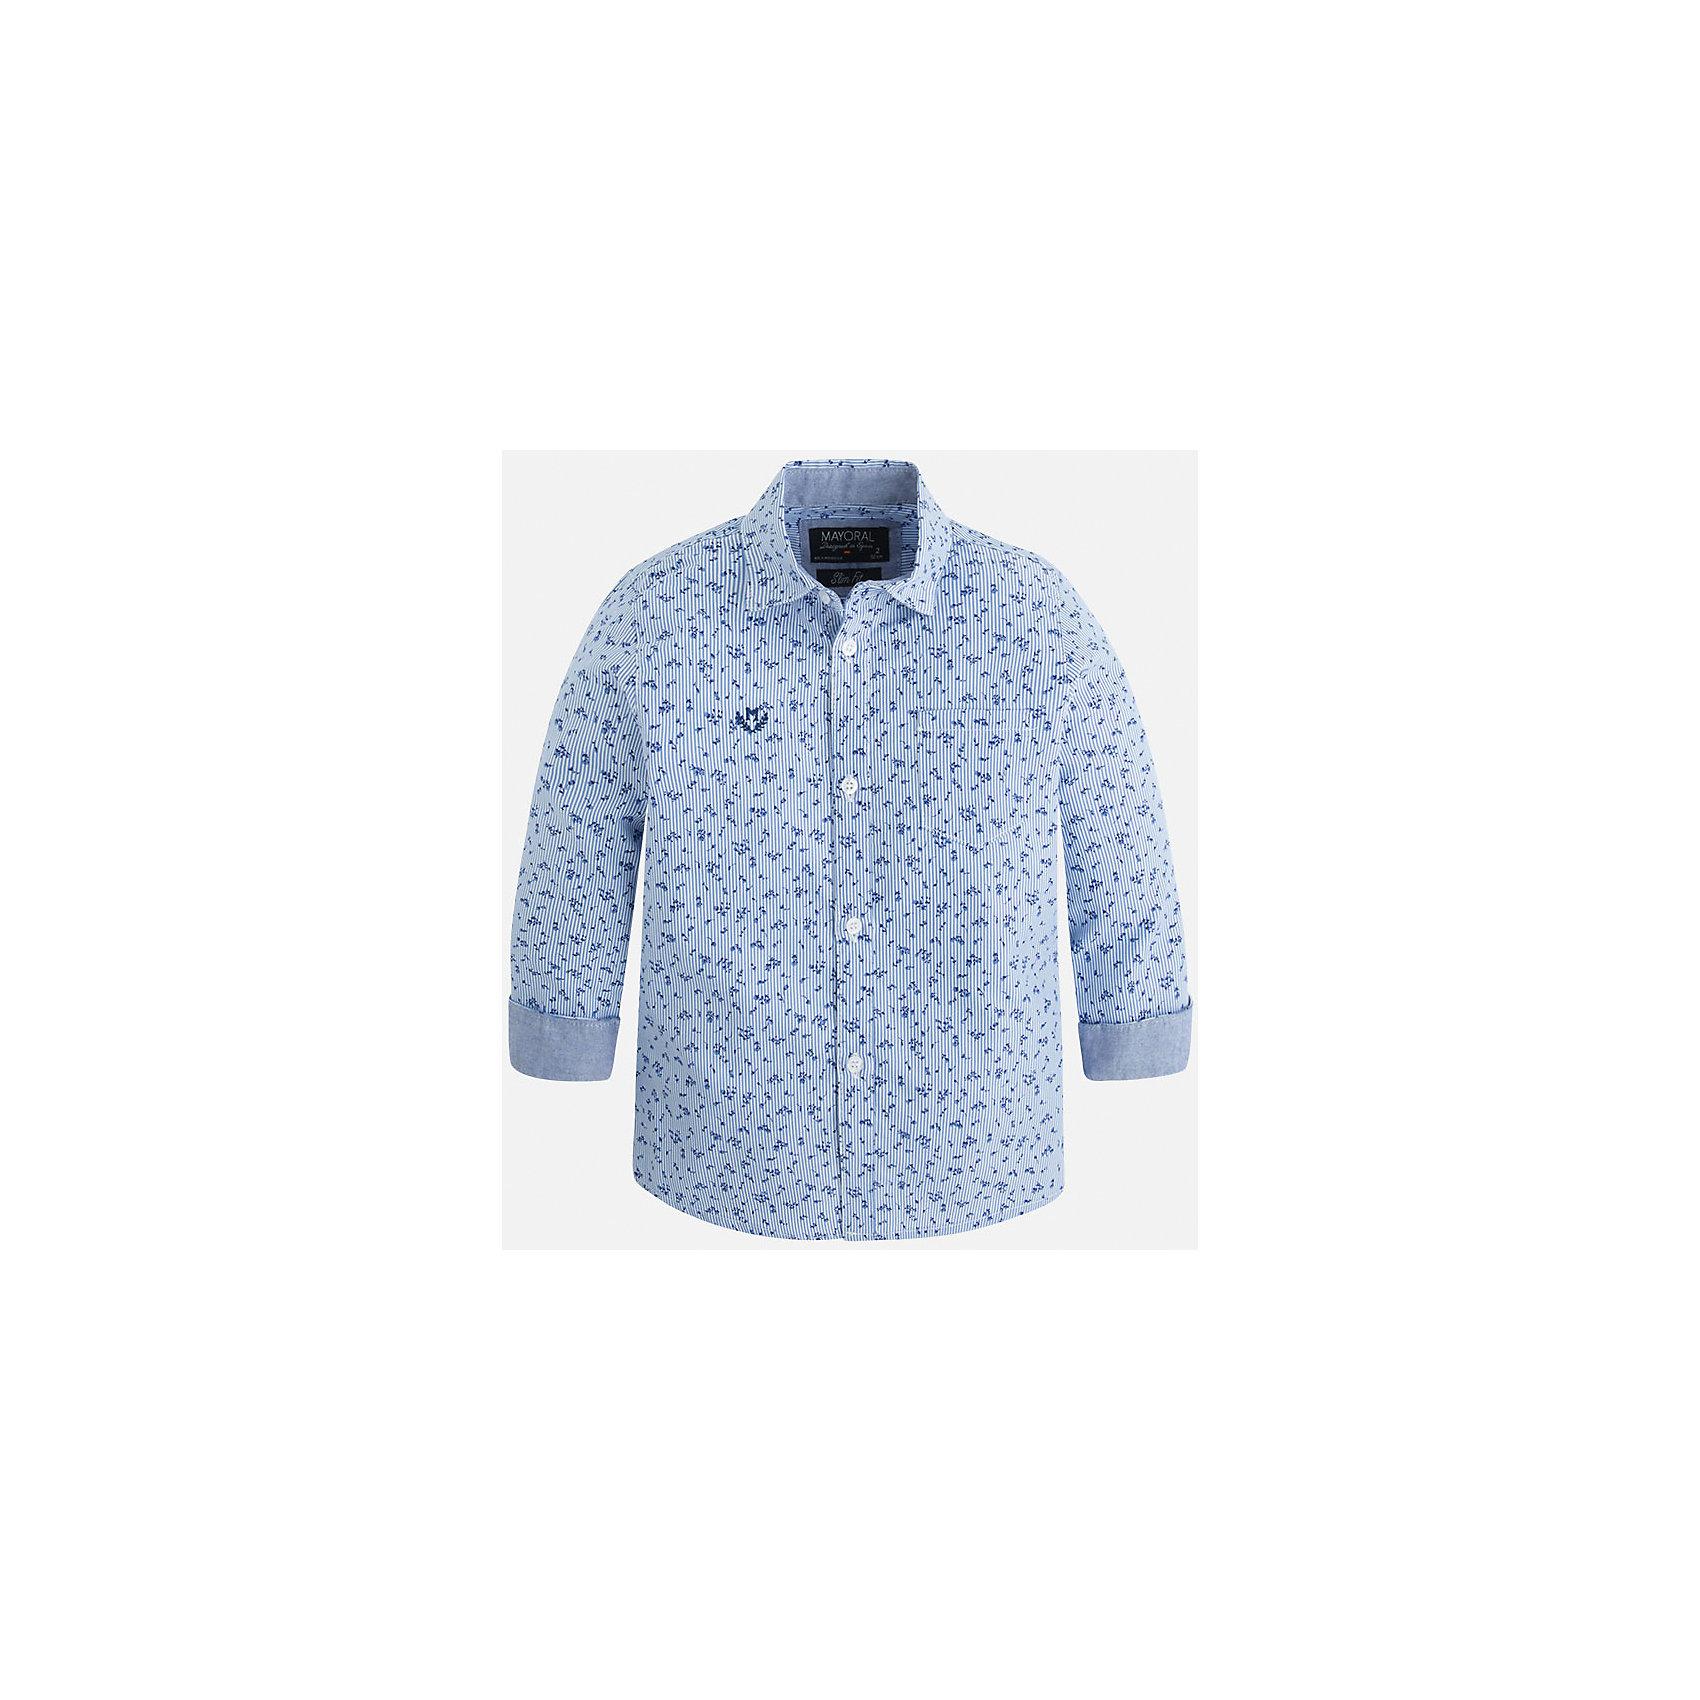 Рубашка для мальчика MayoralОдежда<br>Рубашка для мальчика Mayoral (Майорал) – это стильная модная и практичная модель.<br>Рубашка с длинными рукавами от известной испанской марки Mayoral (Майорал) выполненная из натурального хлопка, станет прекрасным дополнением гардероба вашего мальчика. Рубашка застегивается на пуговицы, на груди имеется кармашек, декорирована небольшой монограммой. Комфортный крой гарантирует свободу движений.<br><br>Дополнительная информация:<br><br>- Цвет: лаванда<br>- Состав: 100% хлопок<br>- Уход: бережная стирка при 30 градусах<br><br>Рубашку для мальчика Mayoral (Майорал) можно купить в нашем интернет-магазине.<br><br>Ширина мм: 174<br>Глубина мм: 10<br>Высота мм: 169<br>Вес г: 157<br>Цвет: лиловый<br>Возраст от месяцев: 36<br>Возраст до месяцев: 48<br>Пол: Мужской<br>Возраст: Детский<br>Размер: 104,128,110,116,122,134,98<br>SKU: 4821150